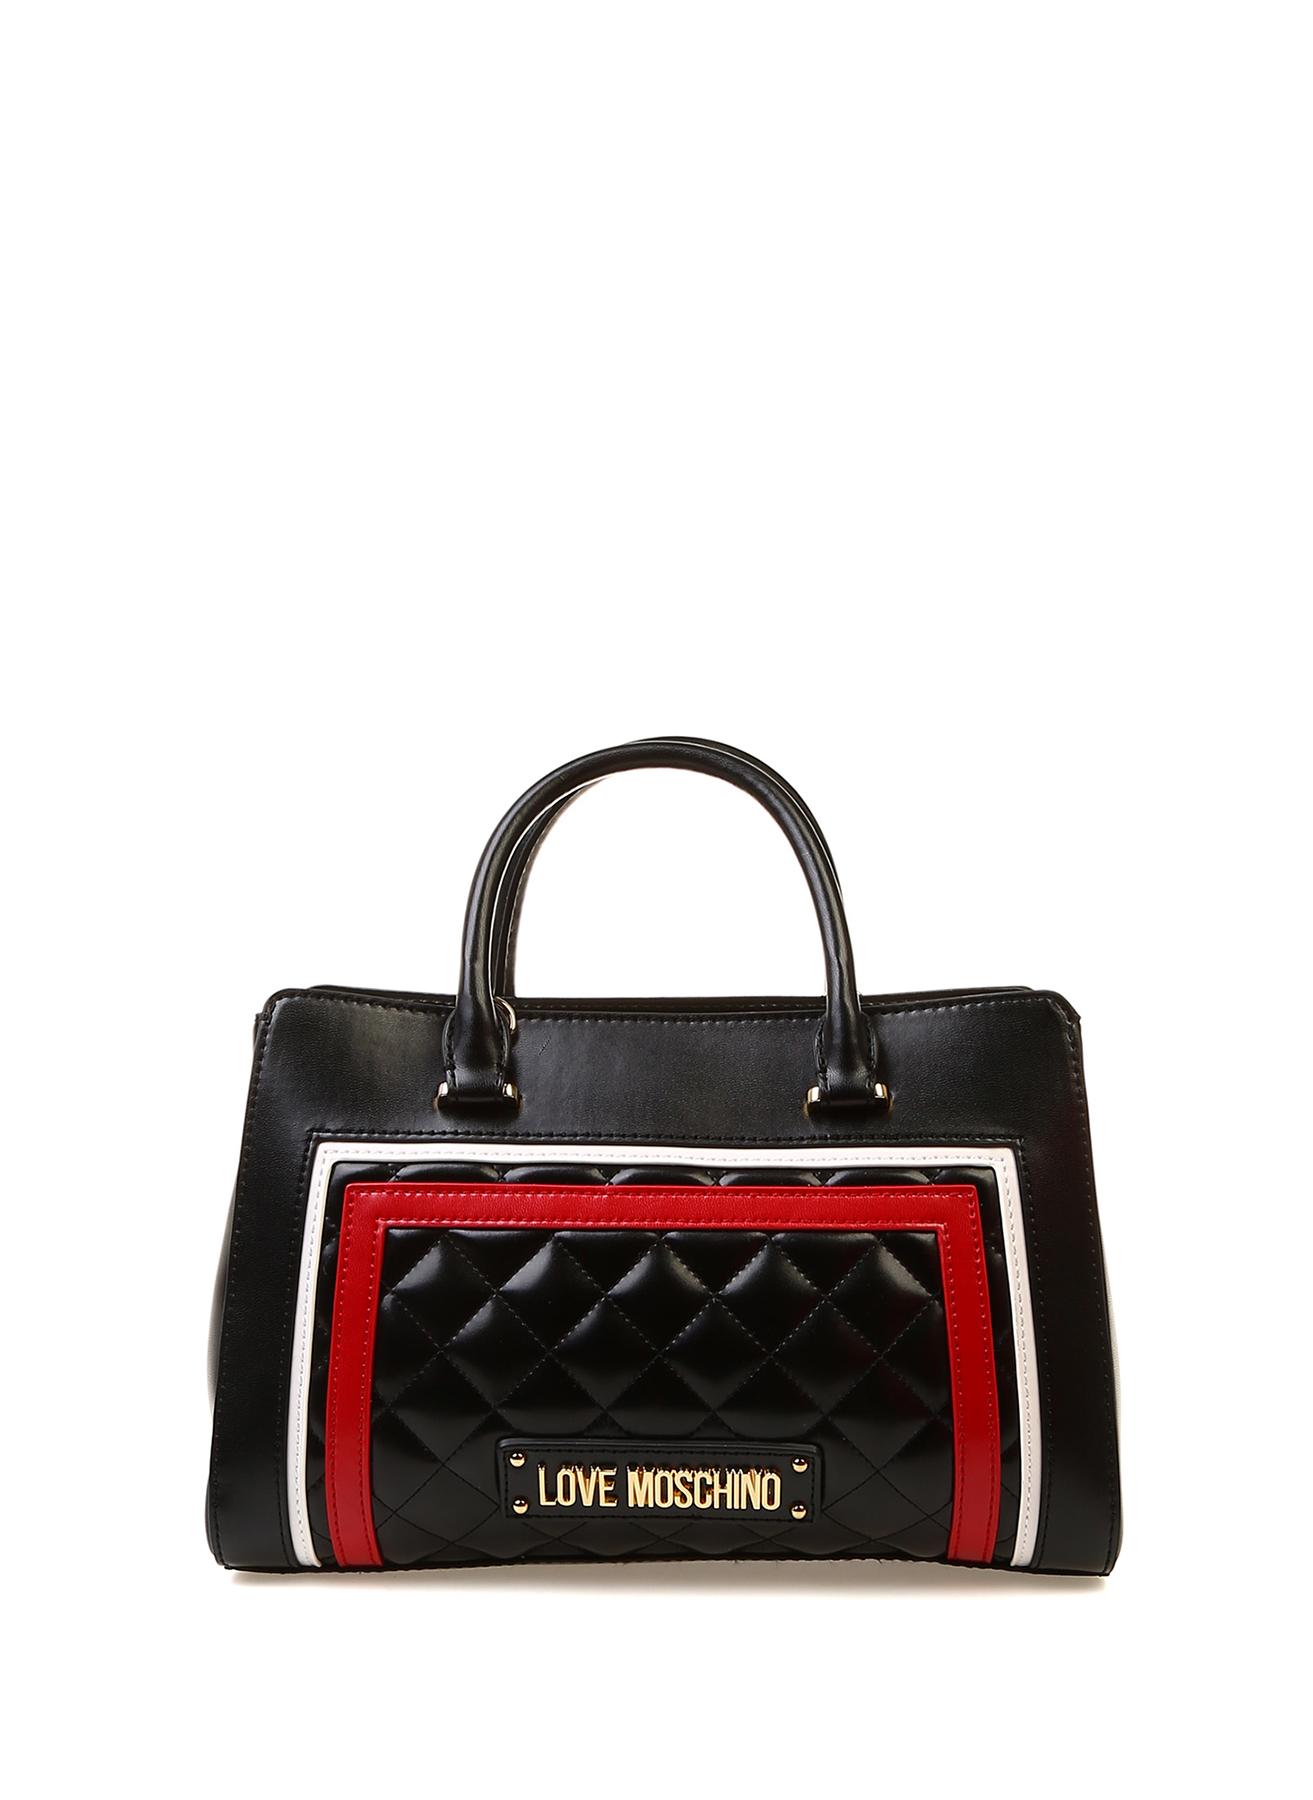 b1e3c1c07829e Siyah Love Moschino Kırmızı Beyaz Çizgili El Çantası 5002377563001 Ayakkabı  & Kadın Omuz